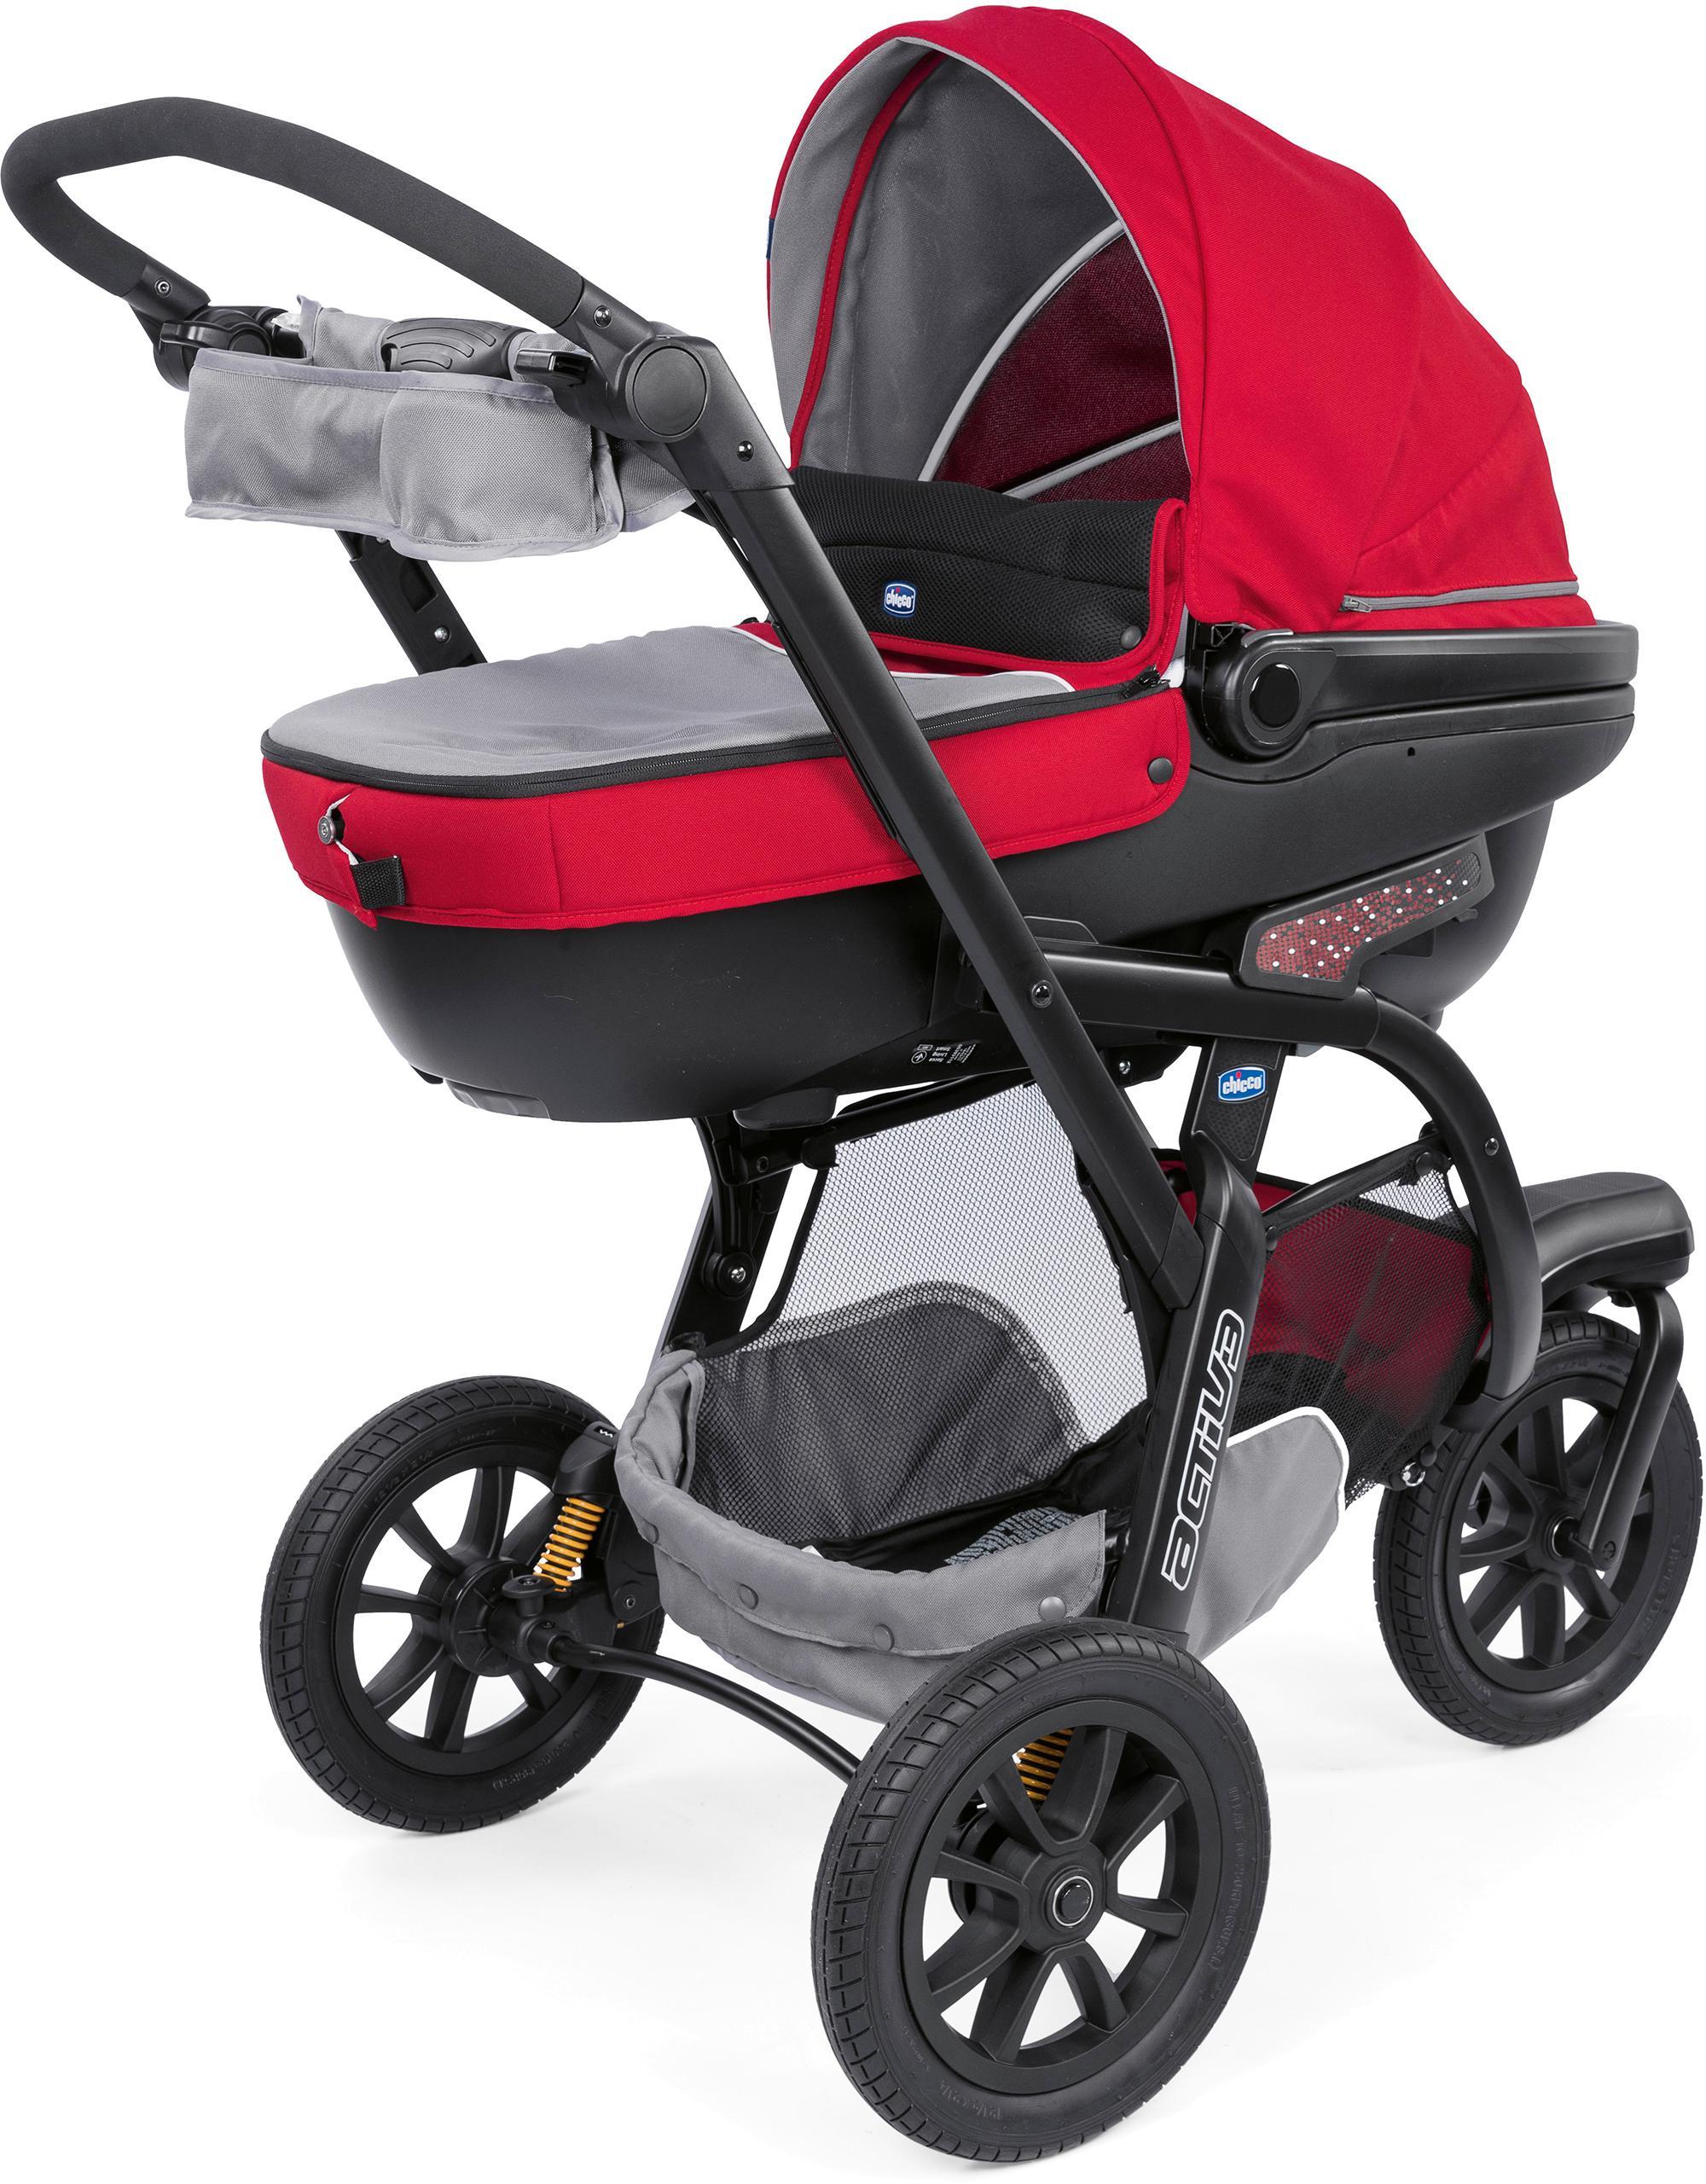 """Chicco Kombi-Kinderwagen """"Trio-System Activ3 Top mit Kit Car Red Berry"""" Kindermode/Ausstattung/Kinderwagen & Buggies/Kinderwagen/Kombikinderwagen"""